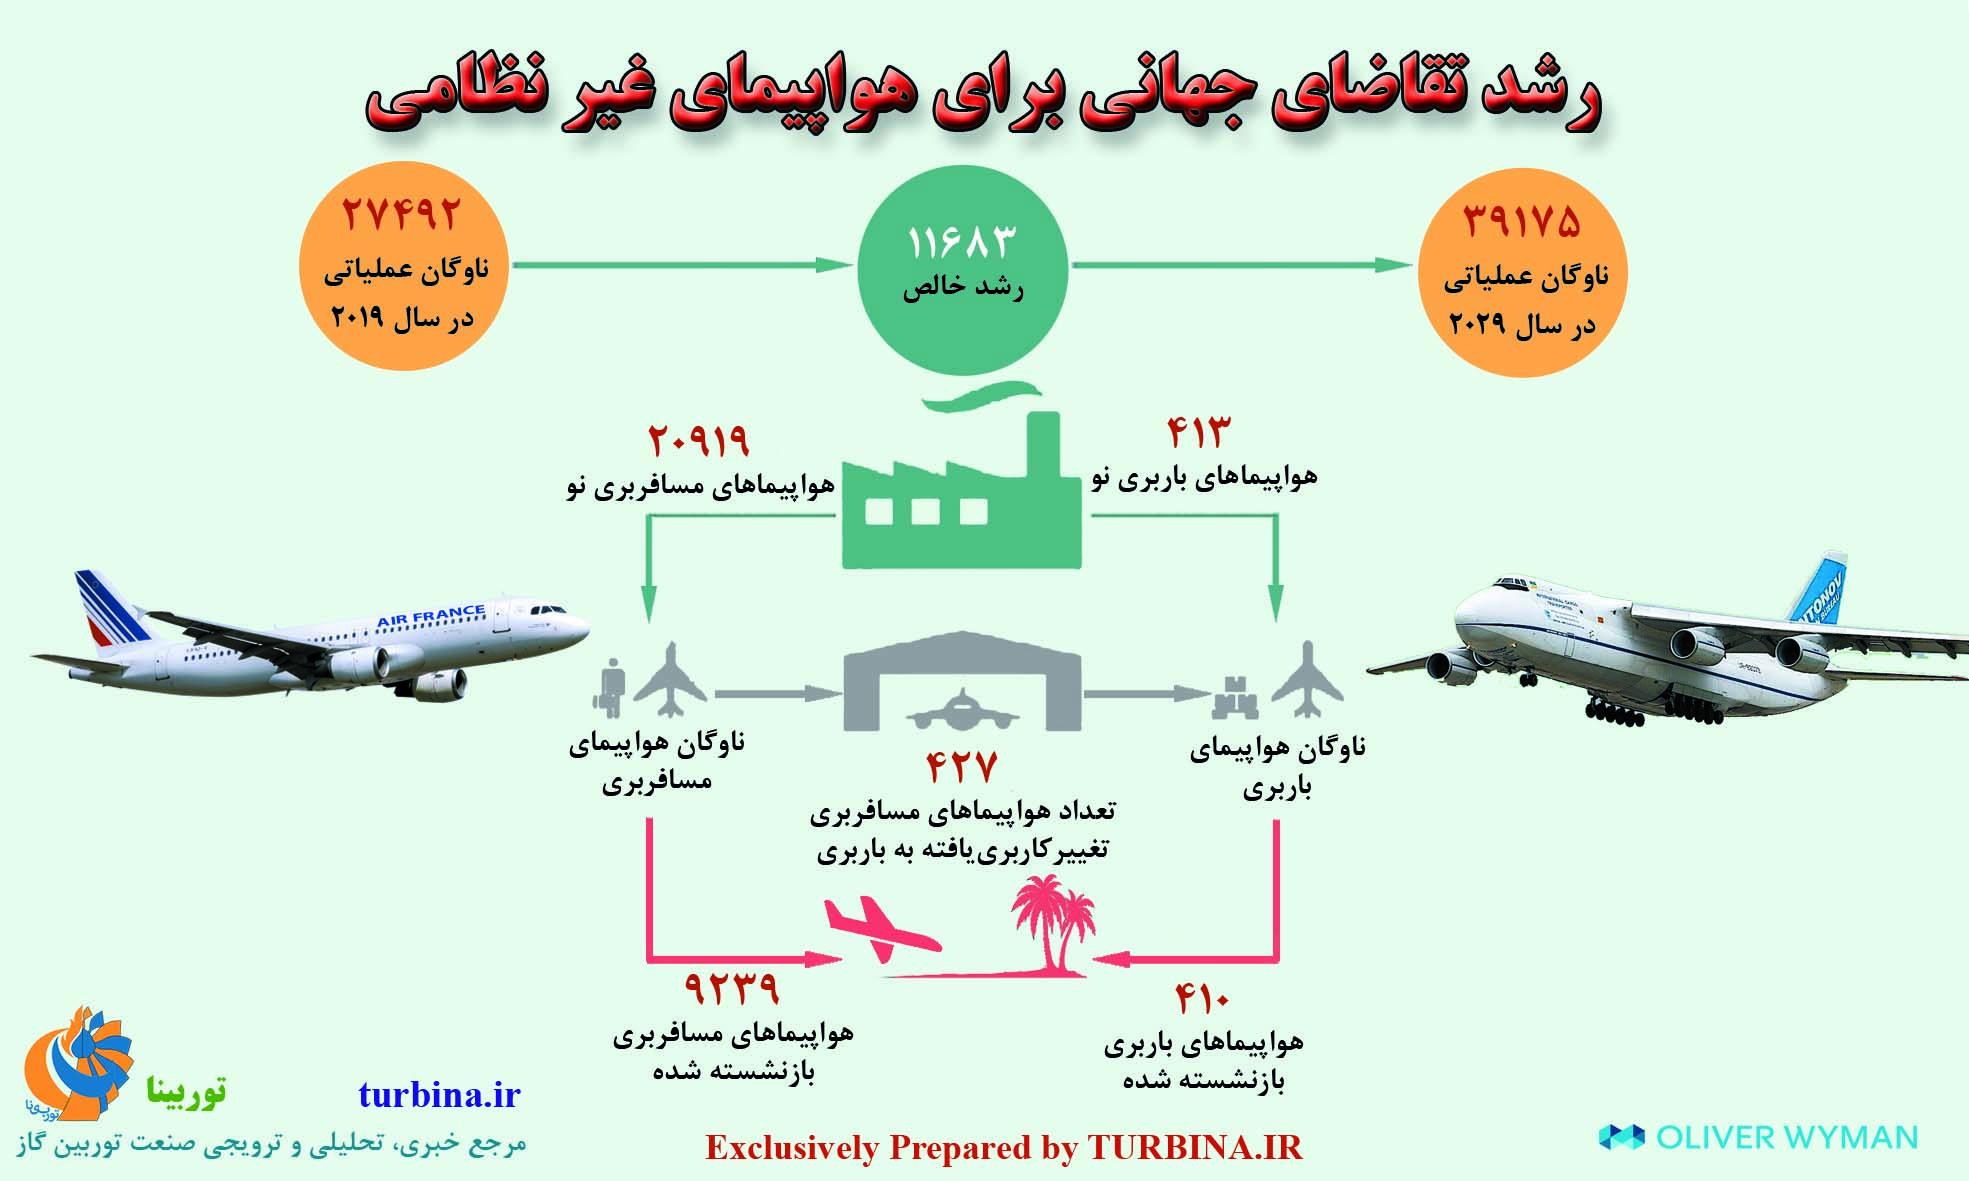 رشد تقاضای جهانی برای هواپیمای غیرنظامی